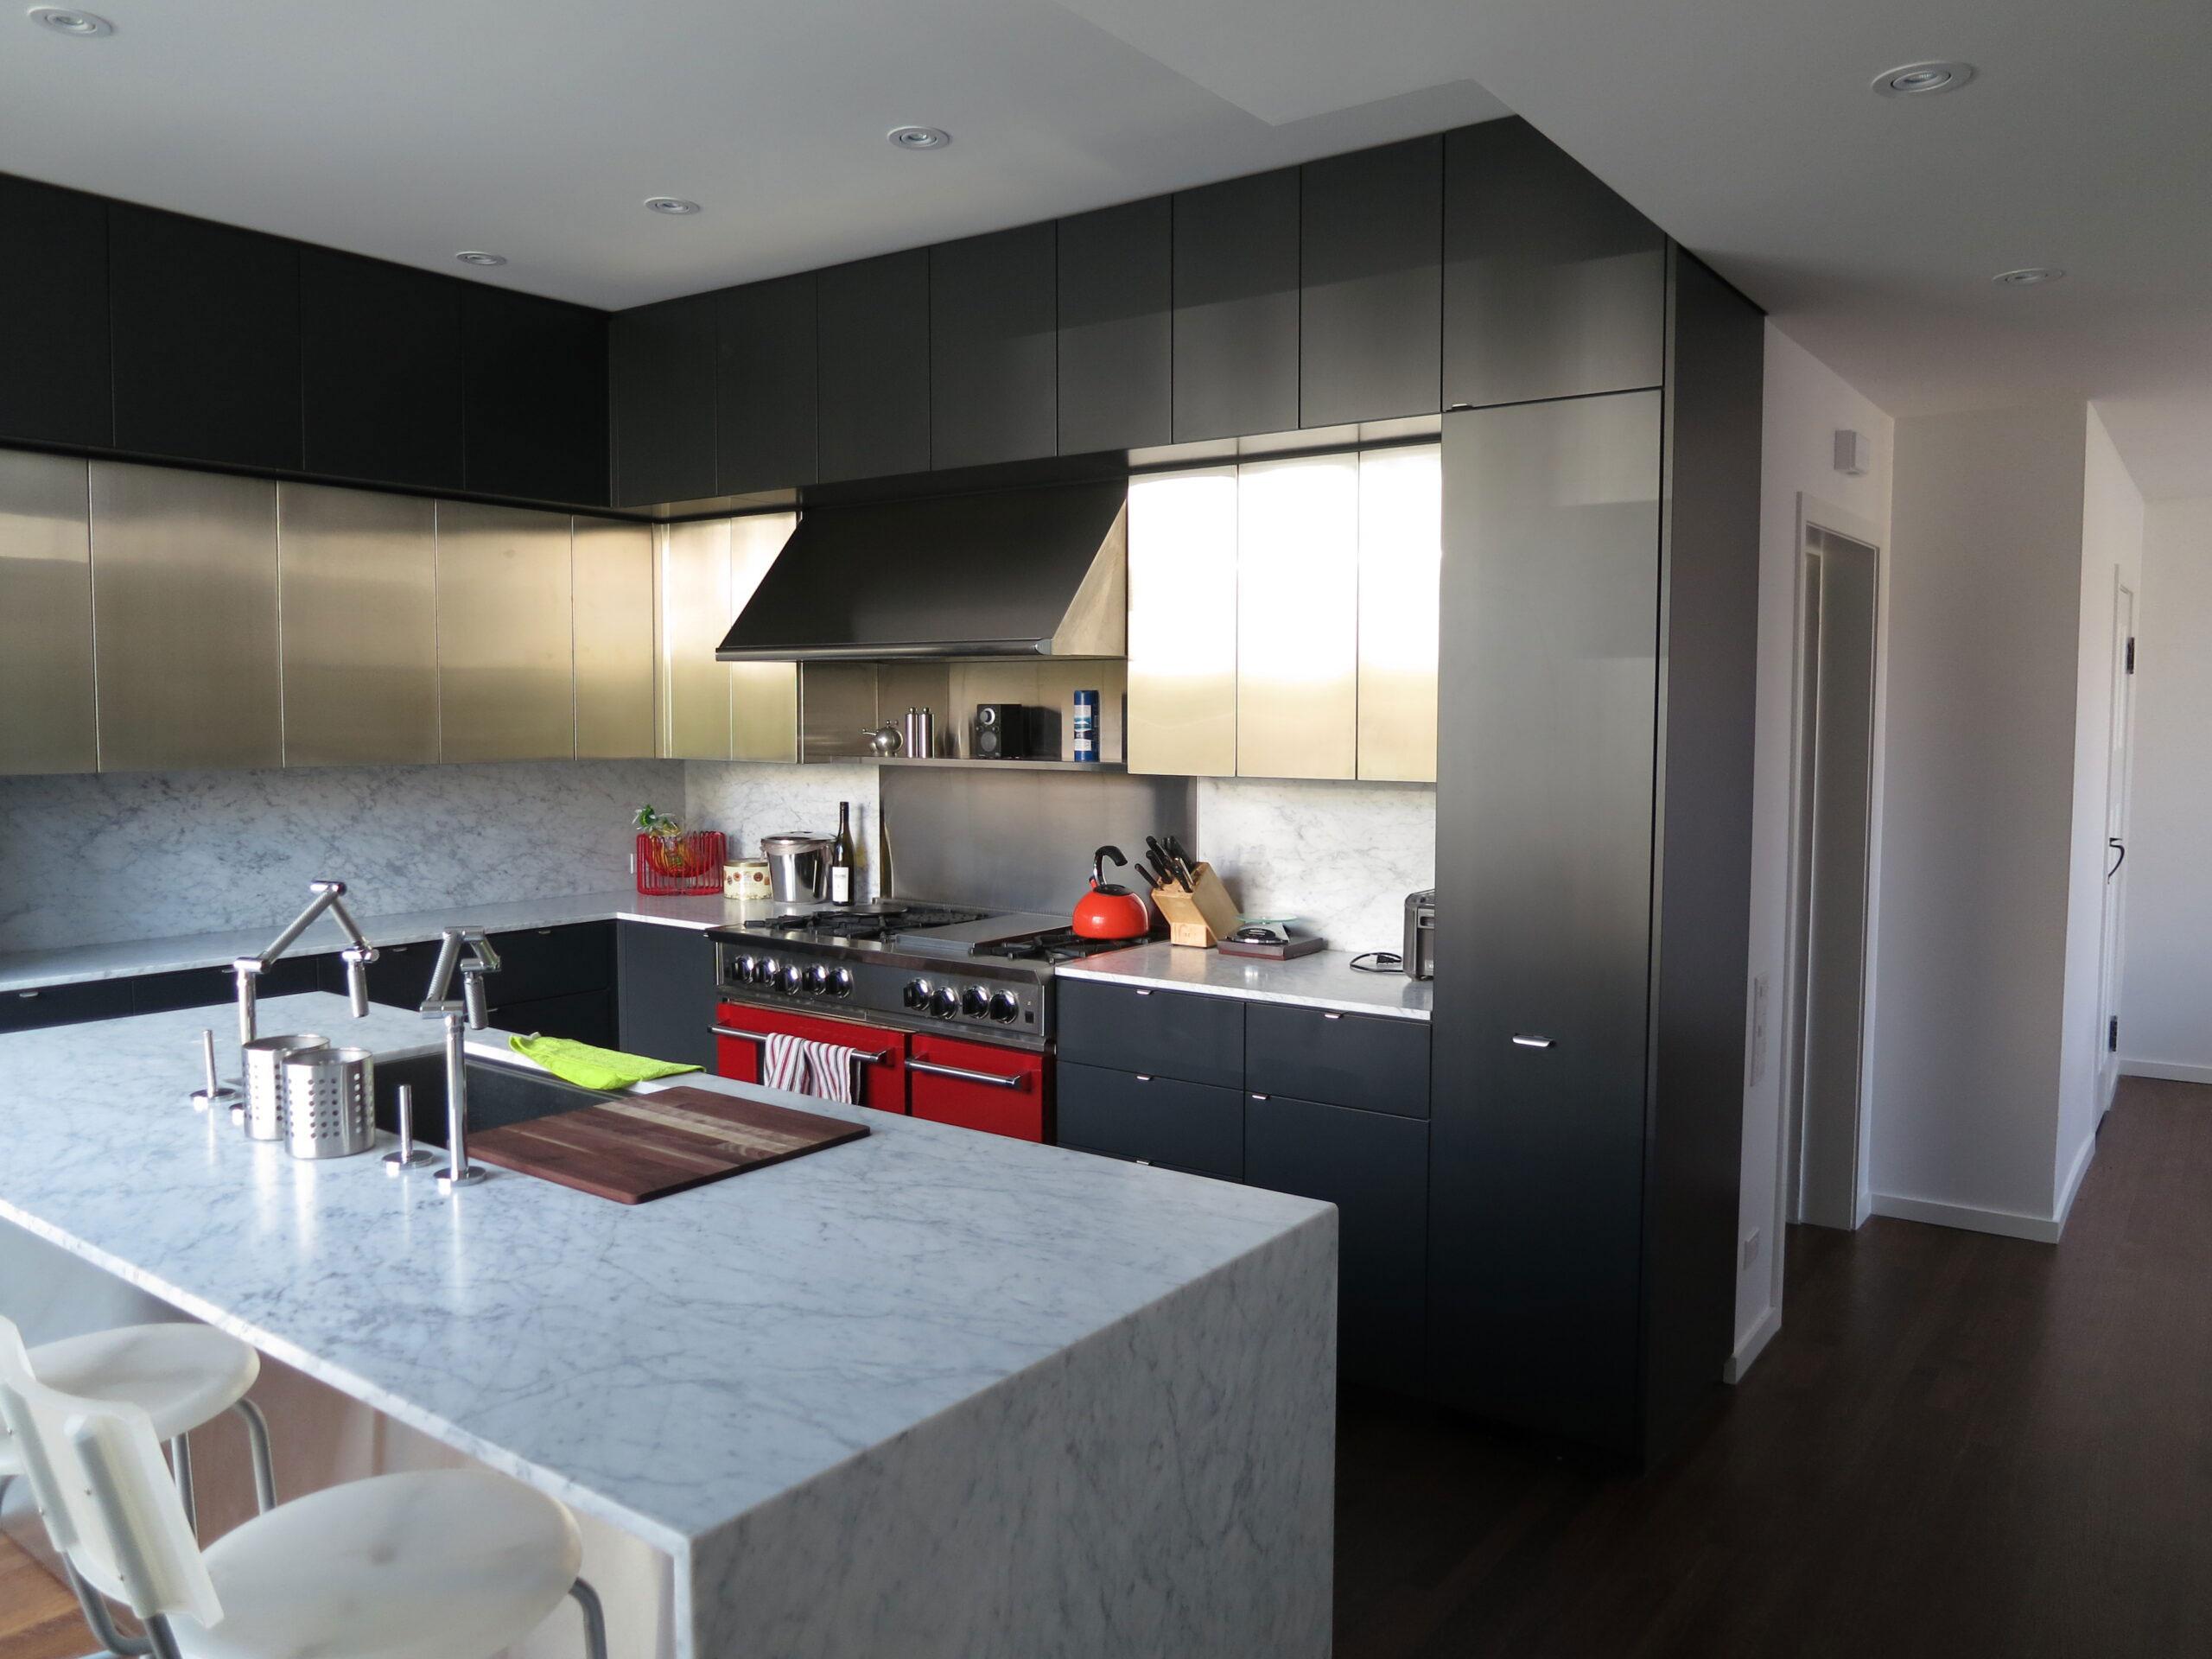 Wychwood Kitchen by Built Work Design